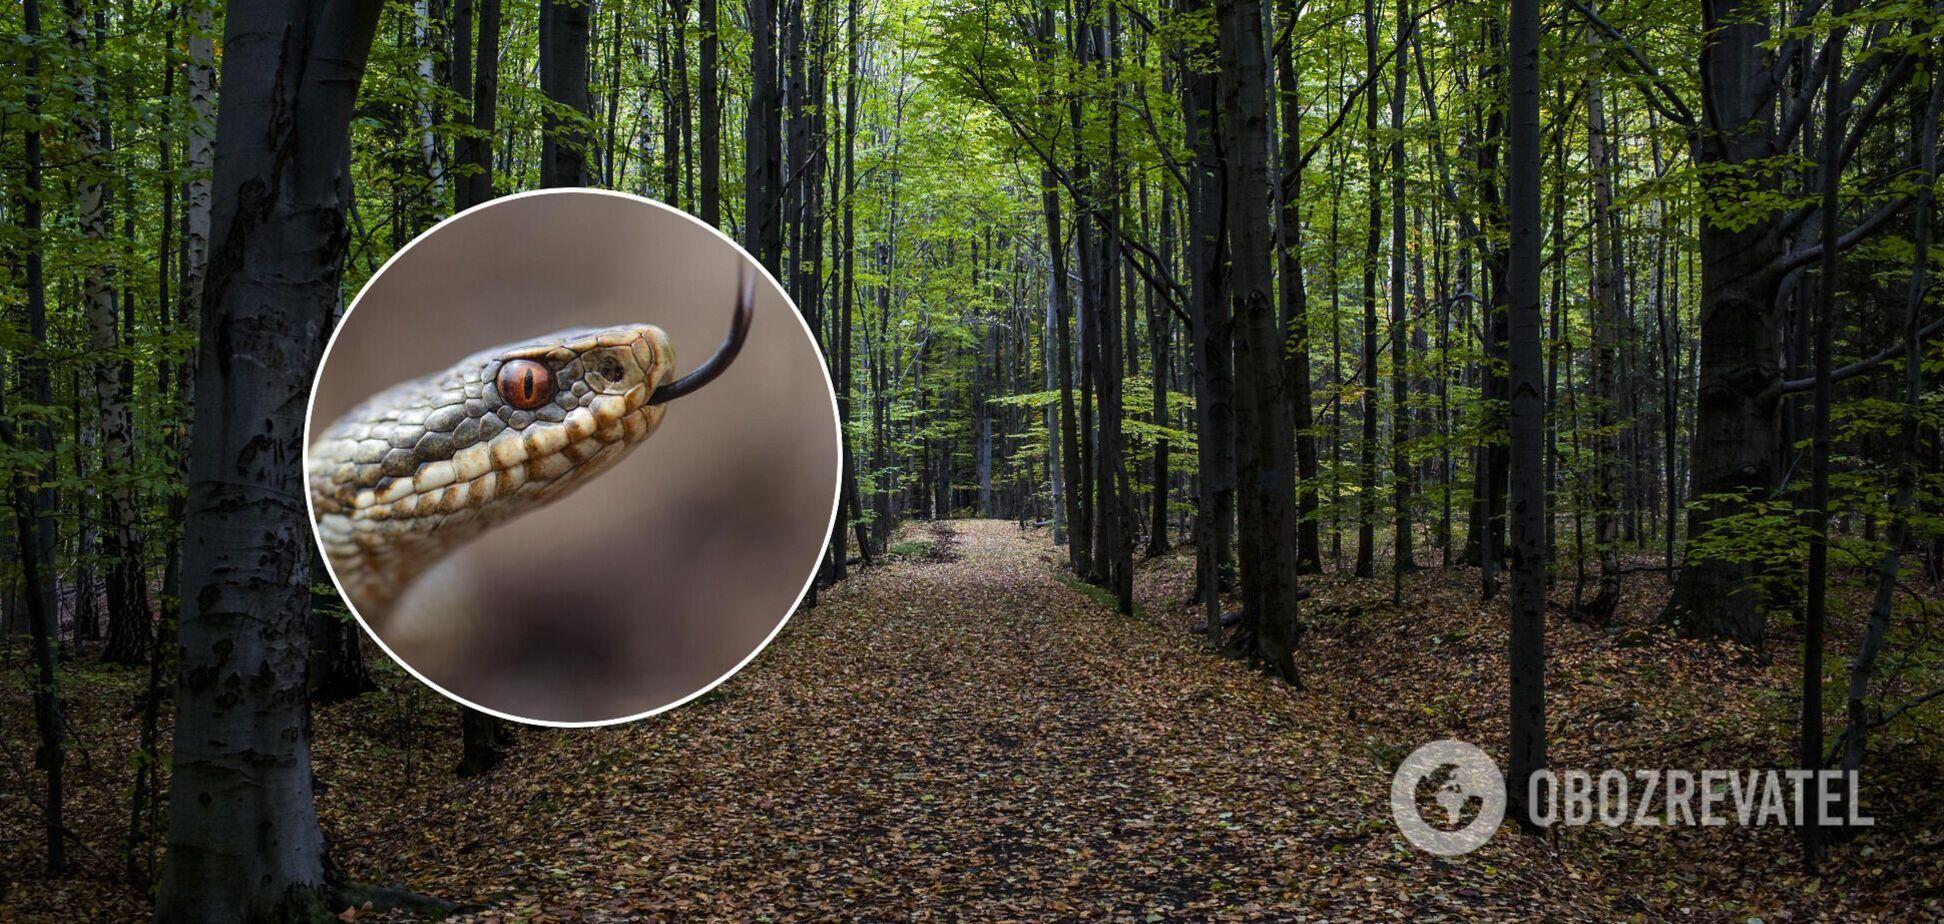 Змії активізувалися: лікар озвучив важливі поради